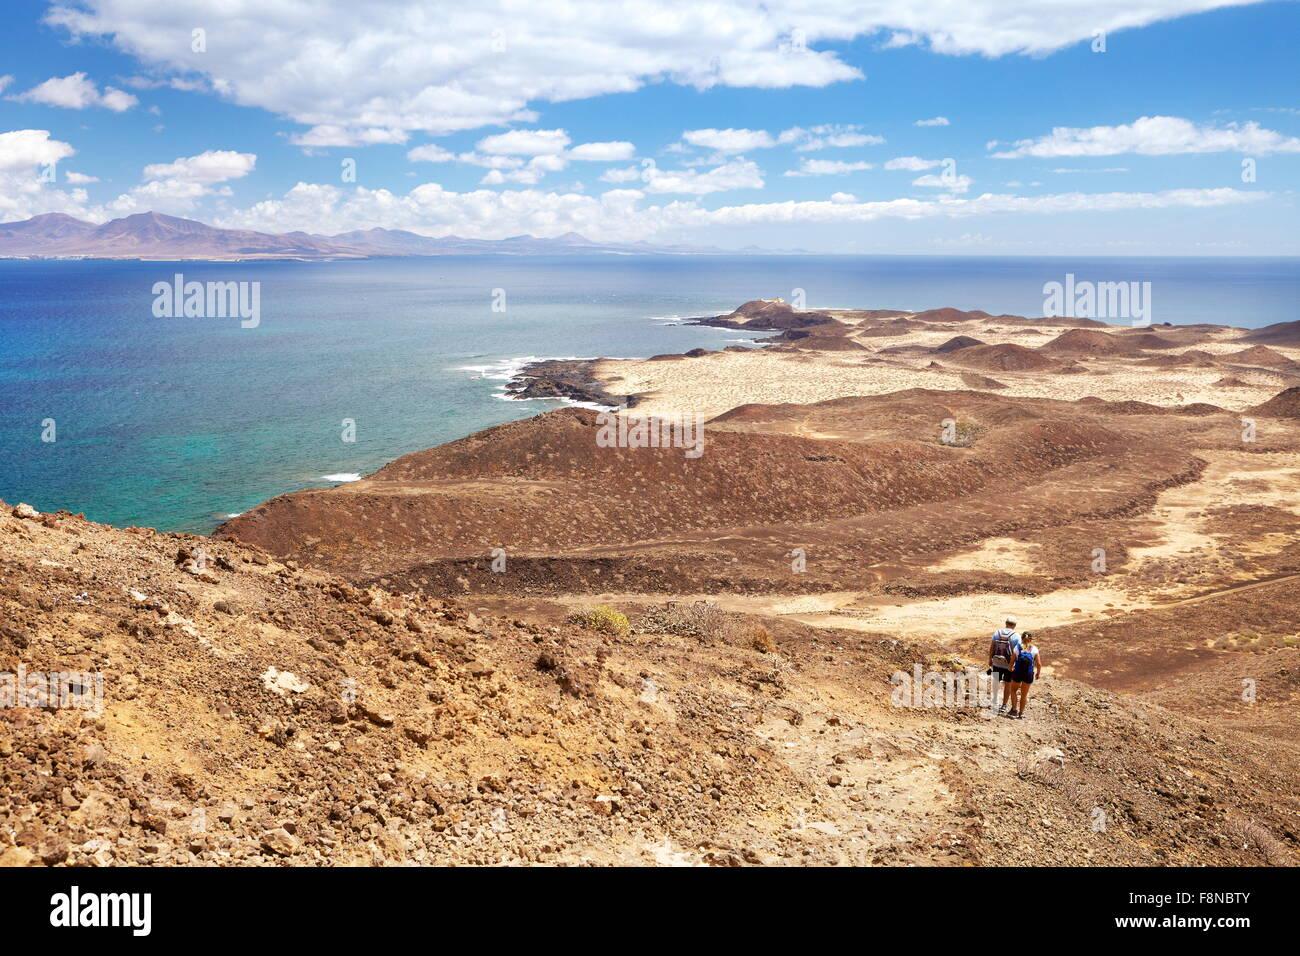 Touristen auf der Insel Lobos, Kanarische Inseln, Spanien Stockbild